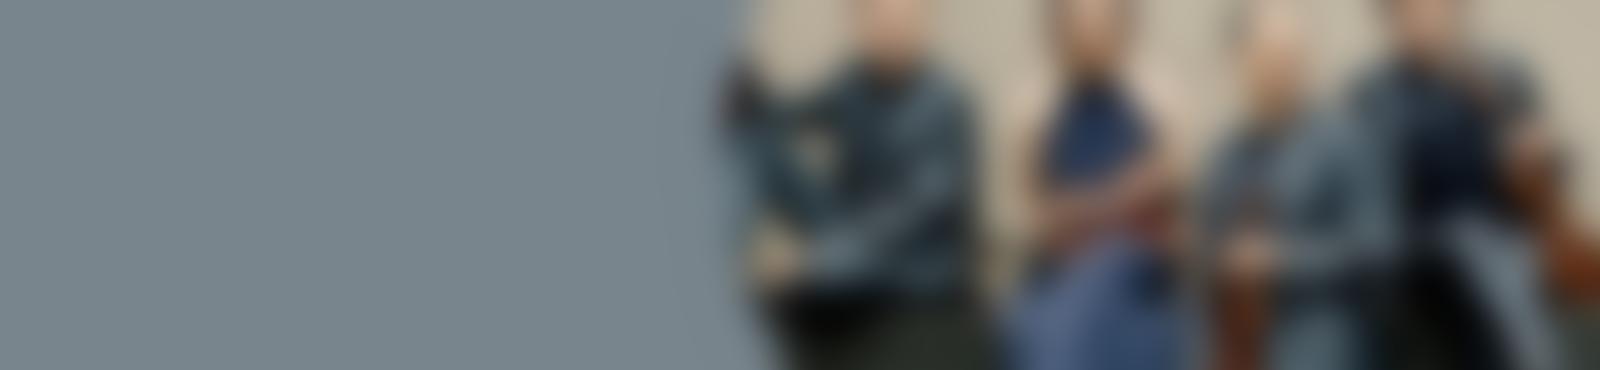 Blurred c3e00fcd 8684 409b 9ec9 43c0a0c0c831